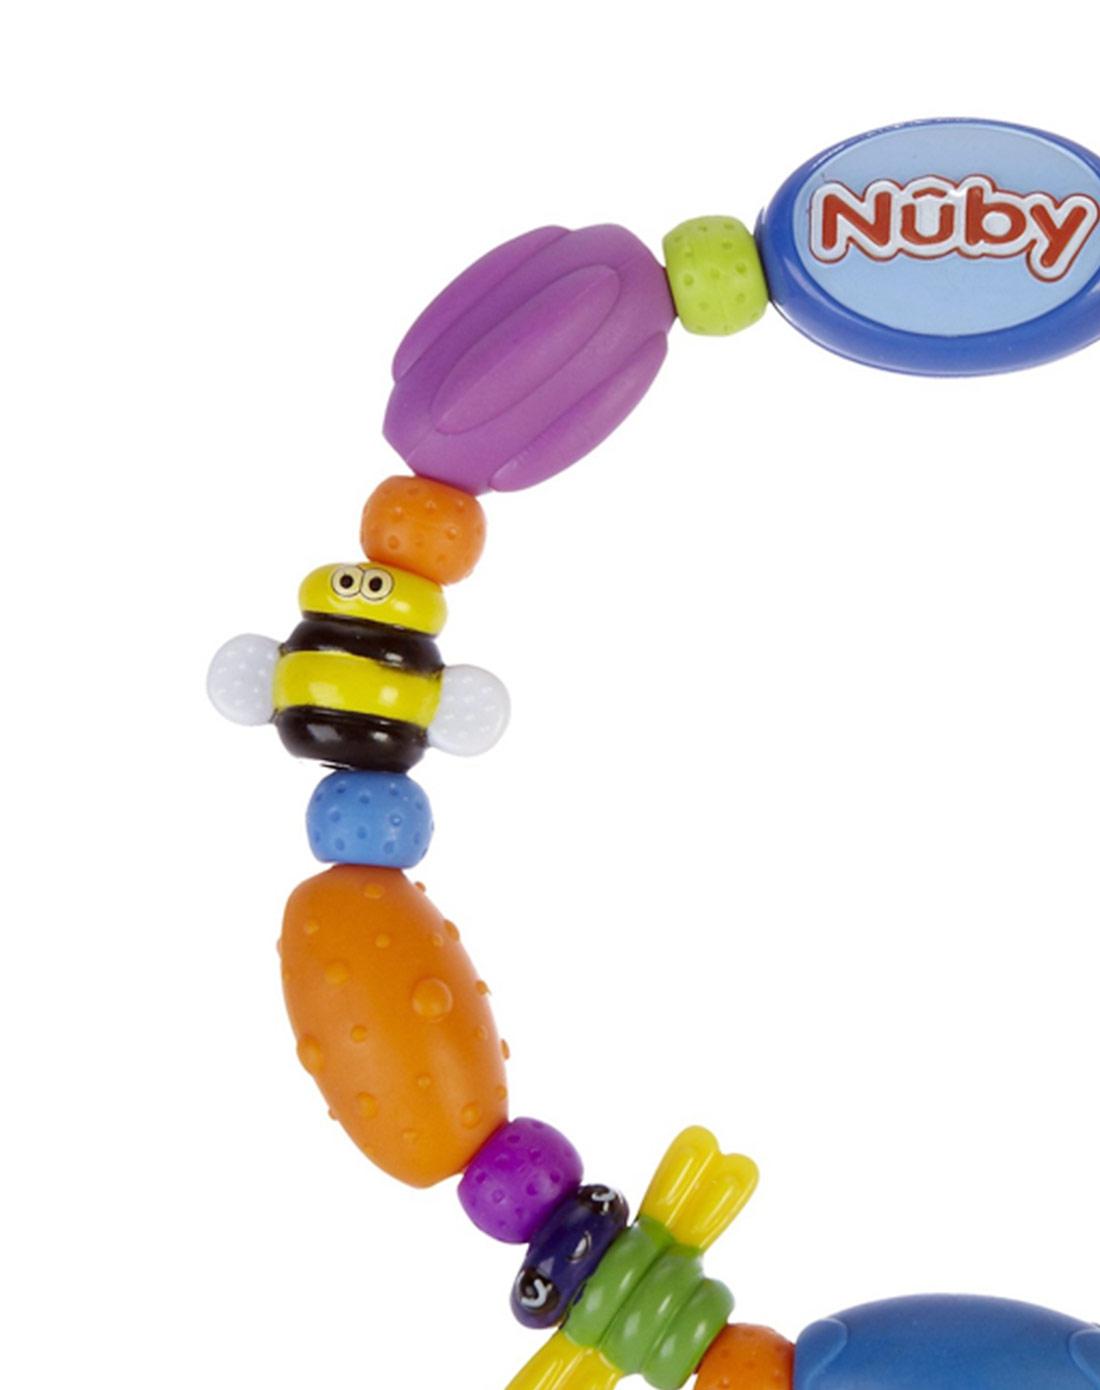 宝贝可爱nac nac&努比nuby婴童用品专场 > nuby 可爱昆虫环固齿器